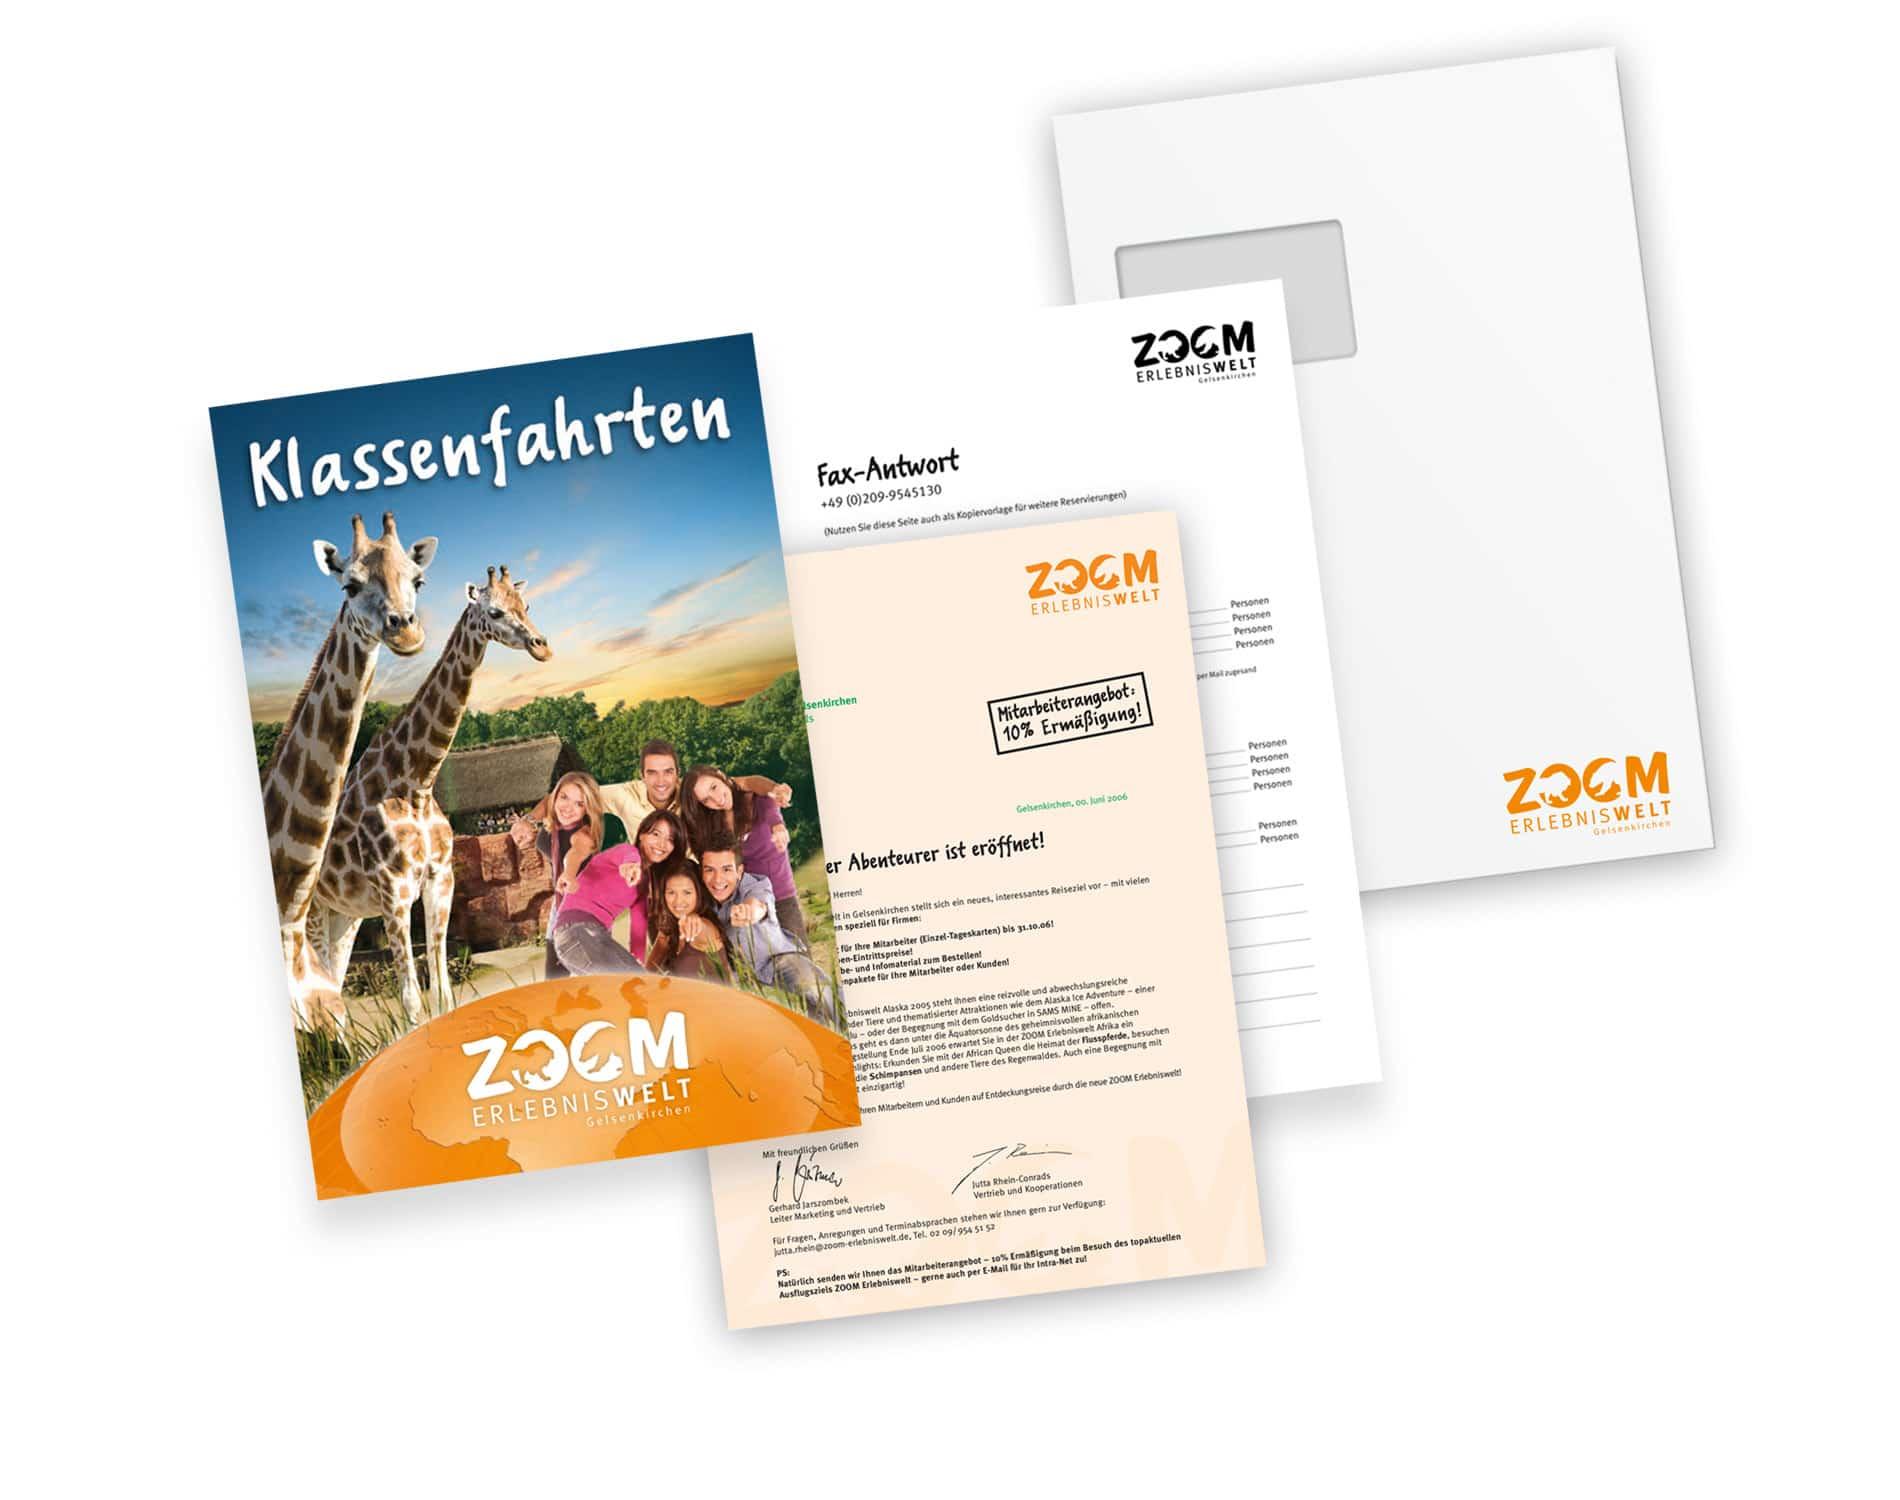 Printmedien für das Dialogmarketing, Broschüre, Anschreiben, Formulare